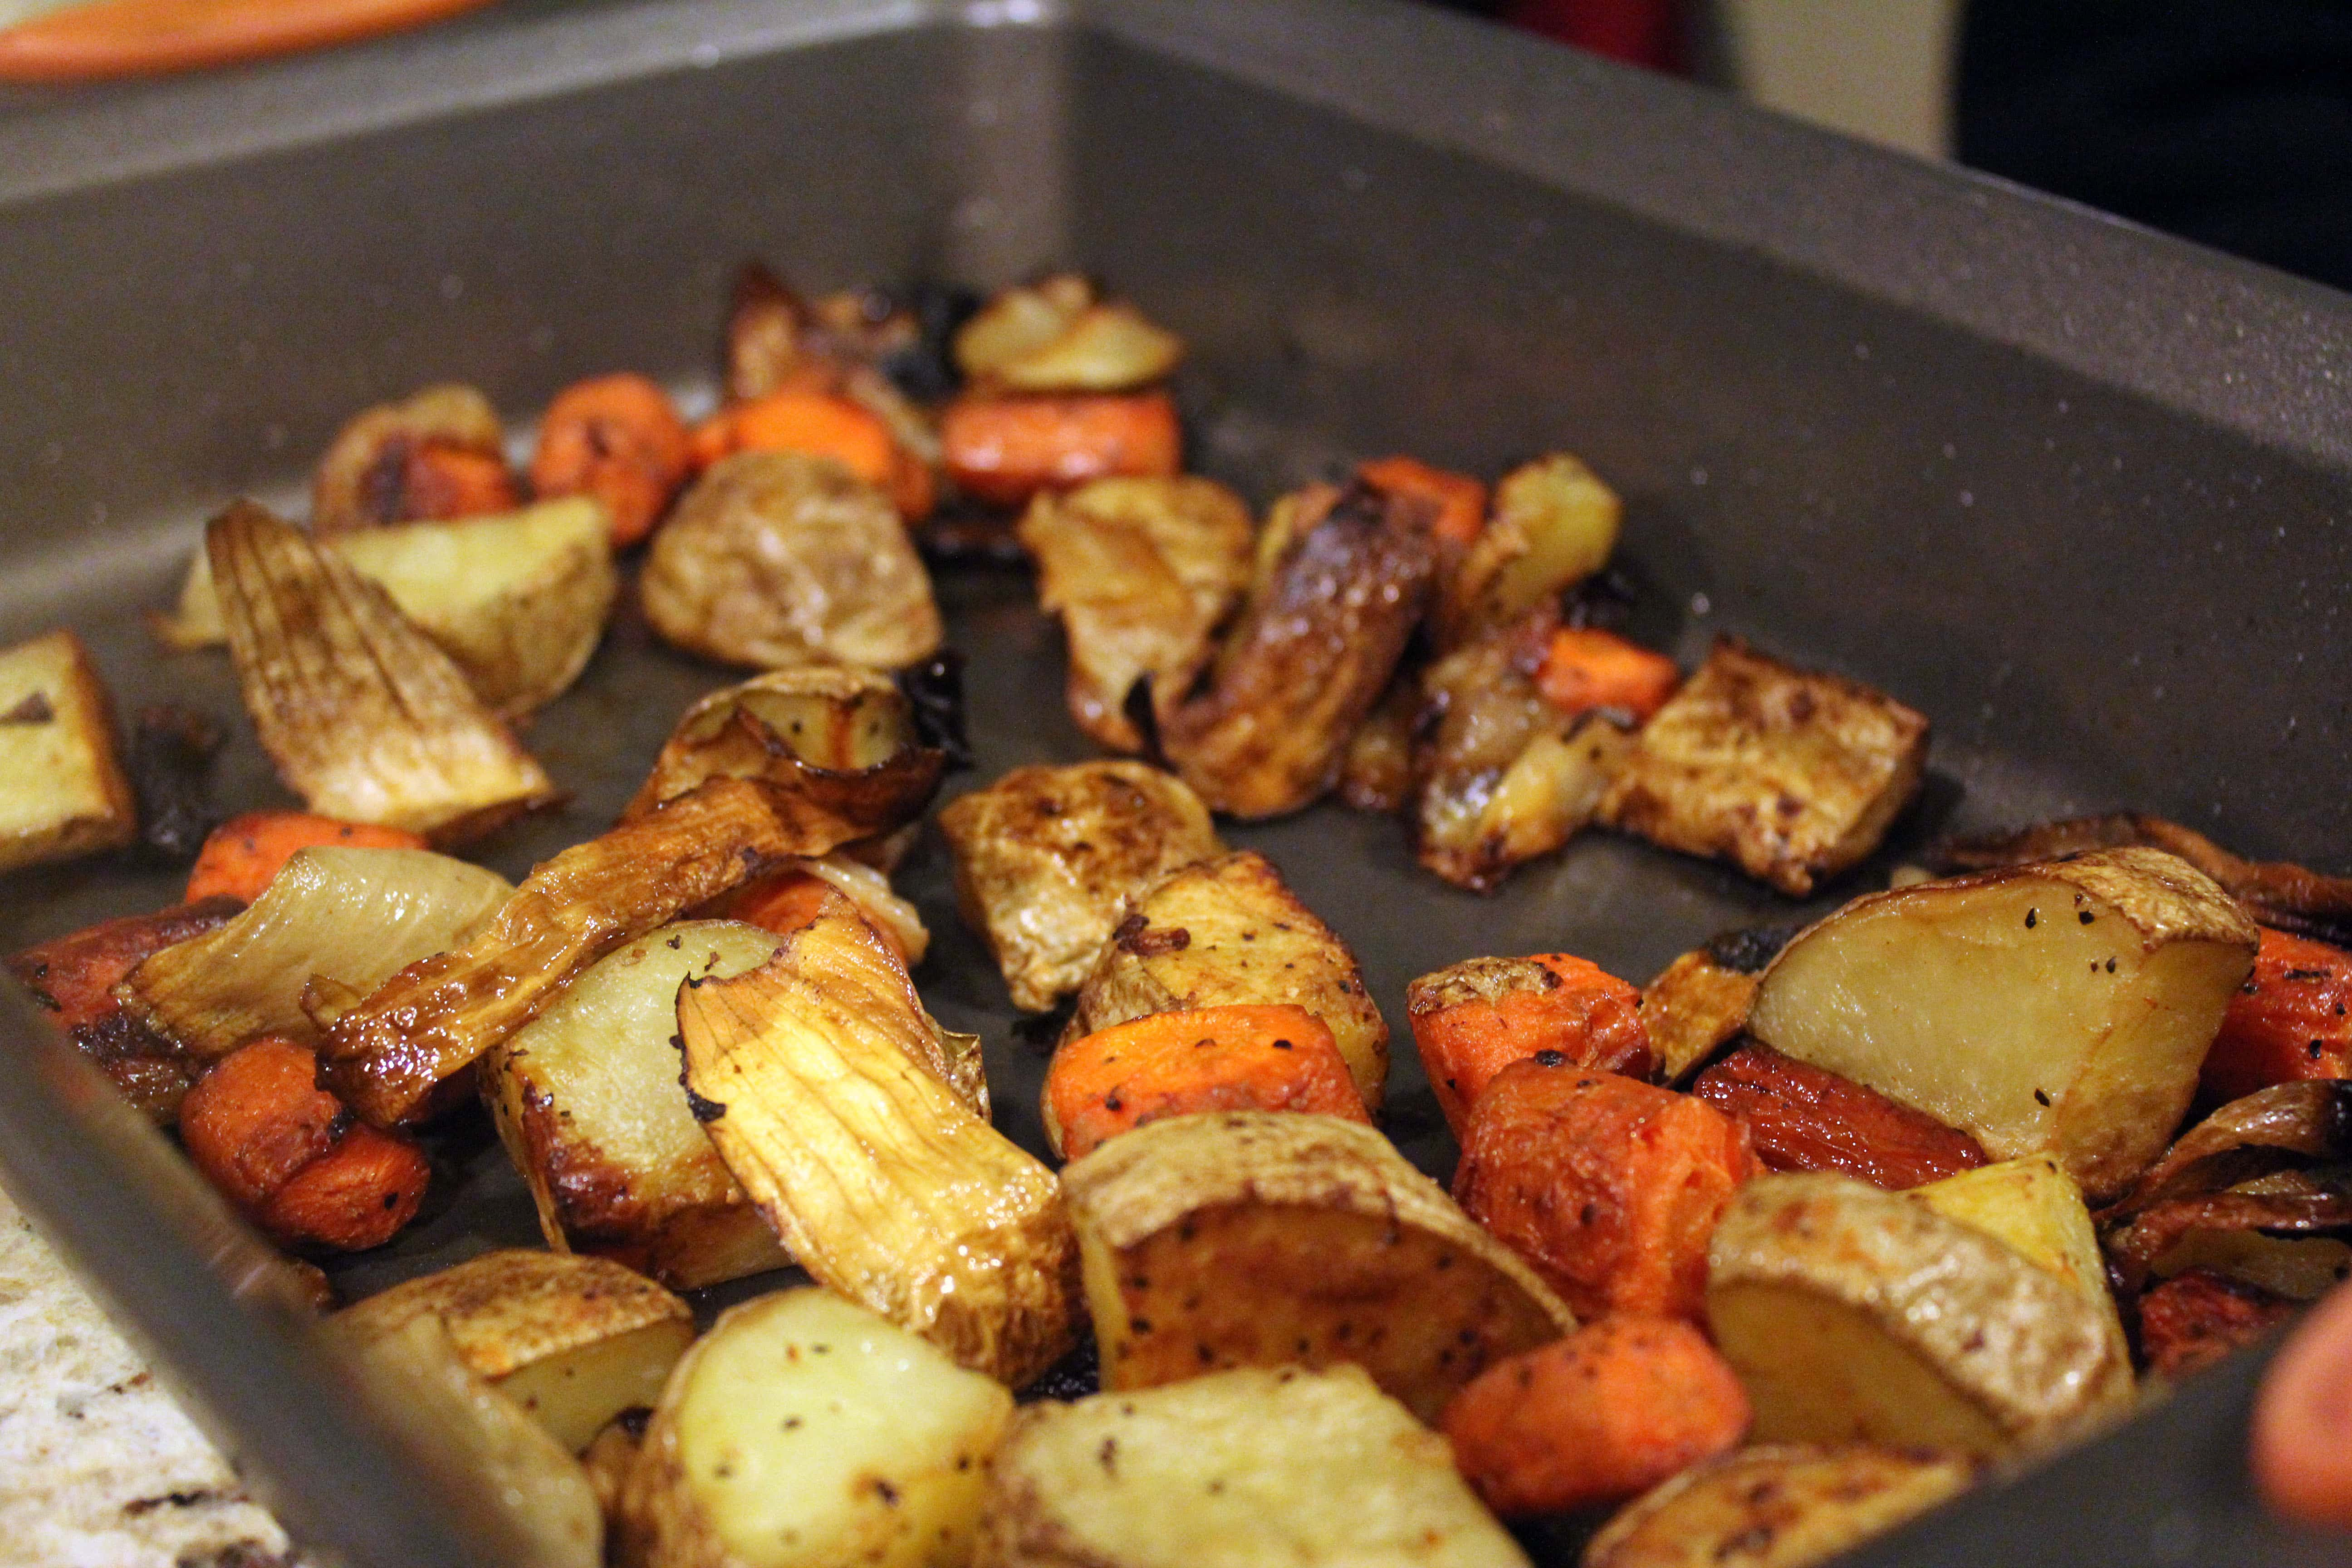 Roast veggies until tender